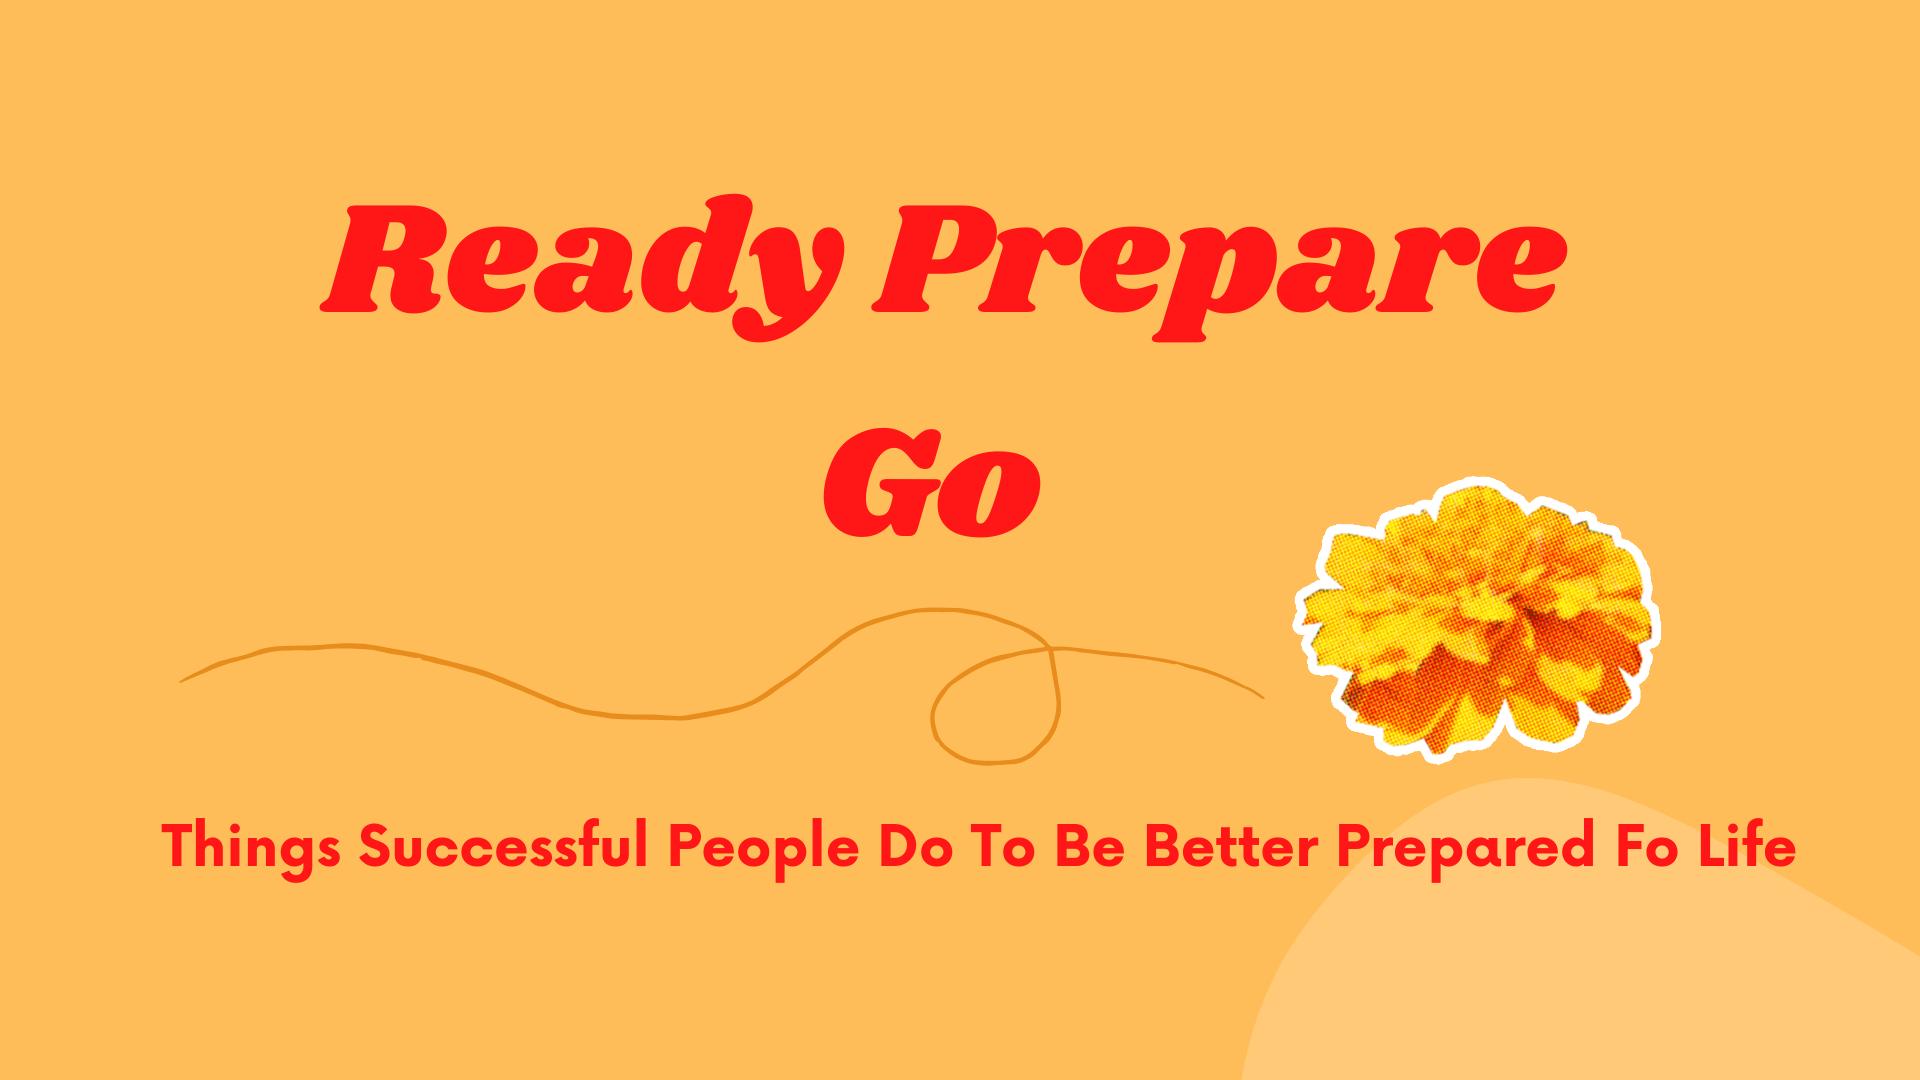 Ready Prepare Go